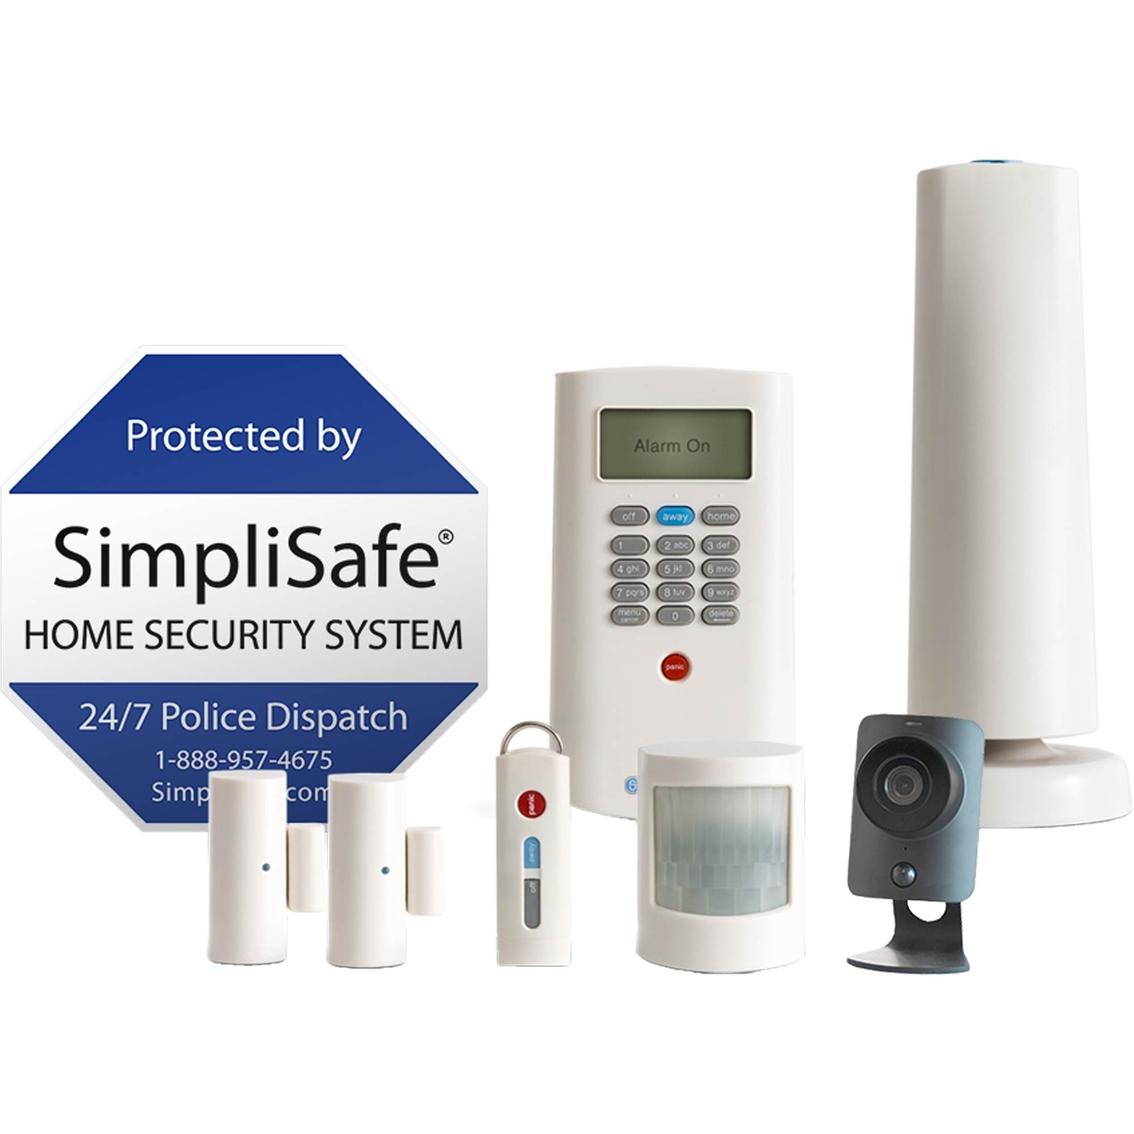 simplisafe home security kit - Simplisafe Home Security